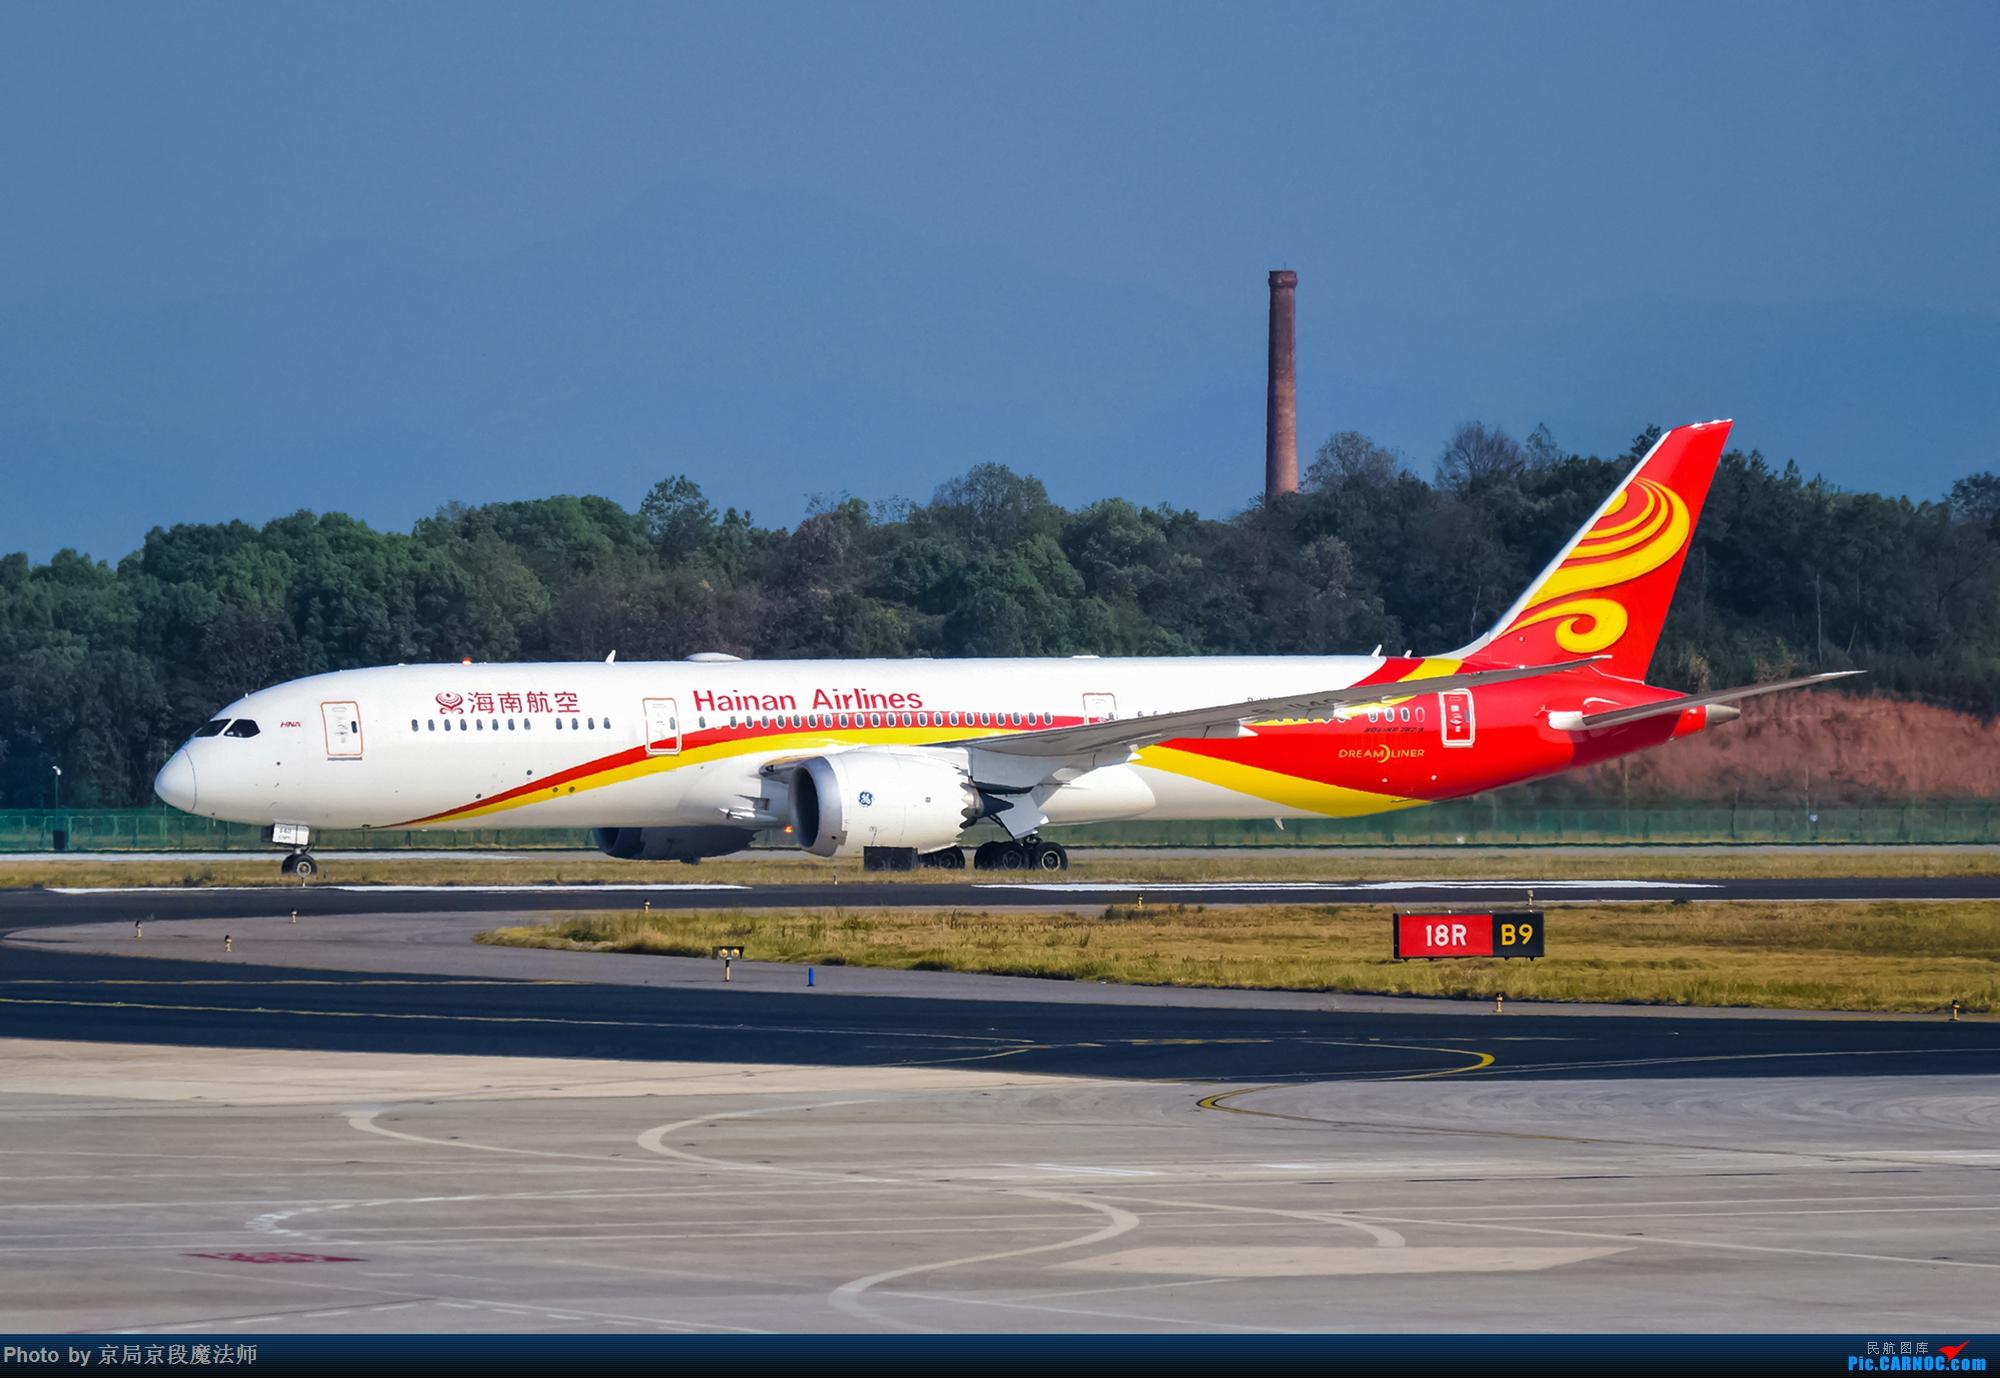 [原创]海南航空Boeing 787-9在长沙黄花机场 BOEING 787-9 B-1140 长沙黄花国际机场